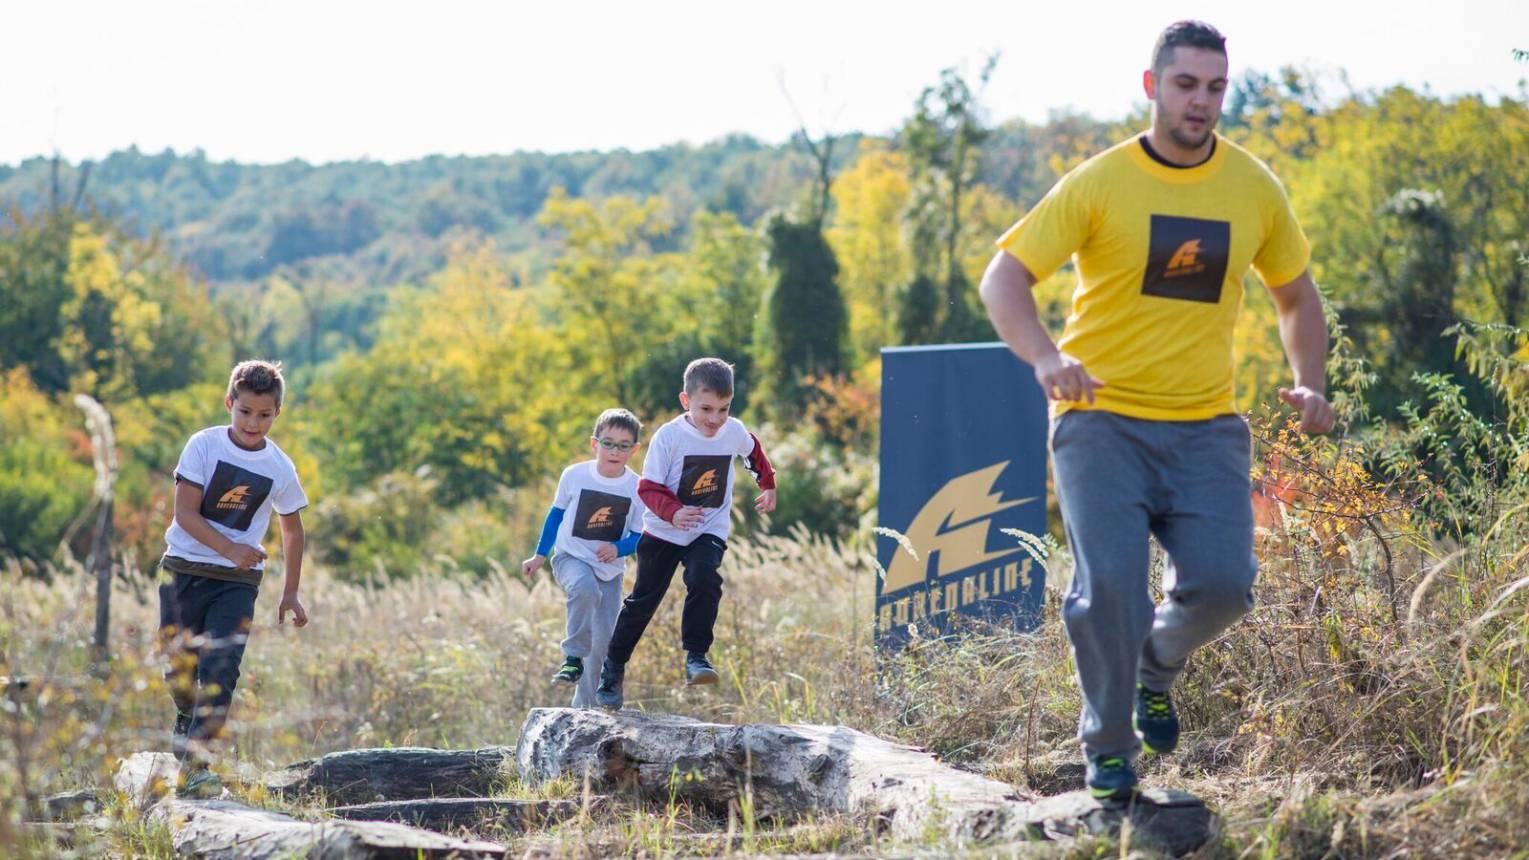 Adrenaline futóverseny kihívás amatőr kategóriában